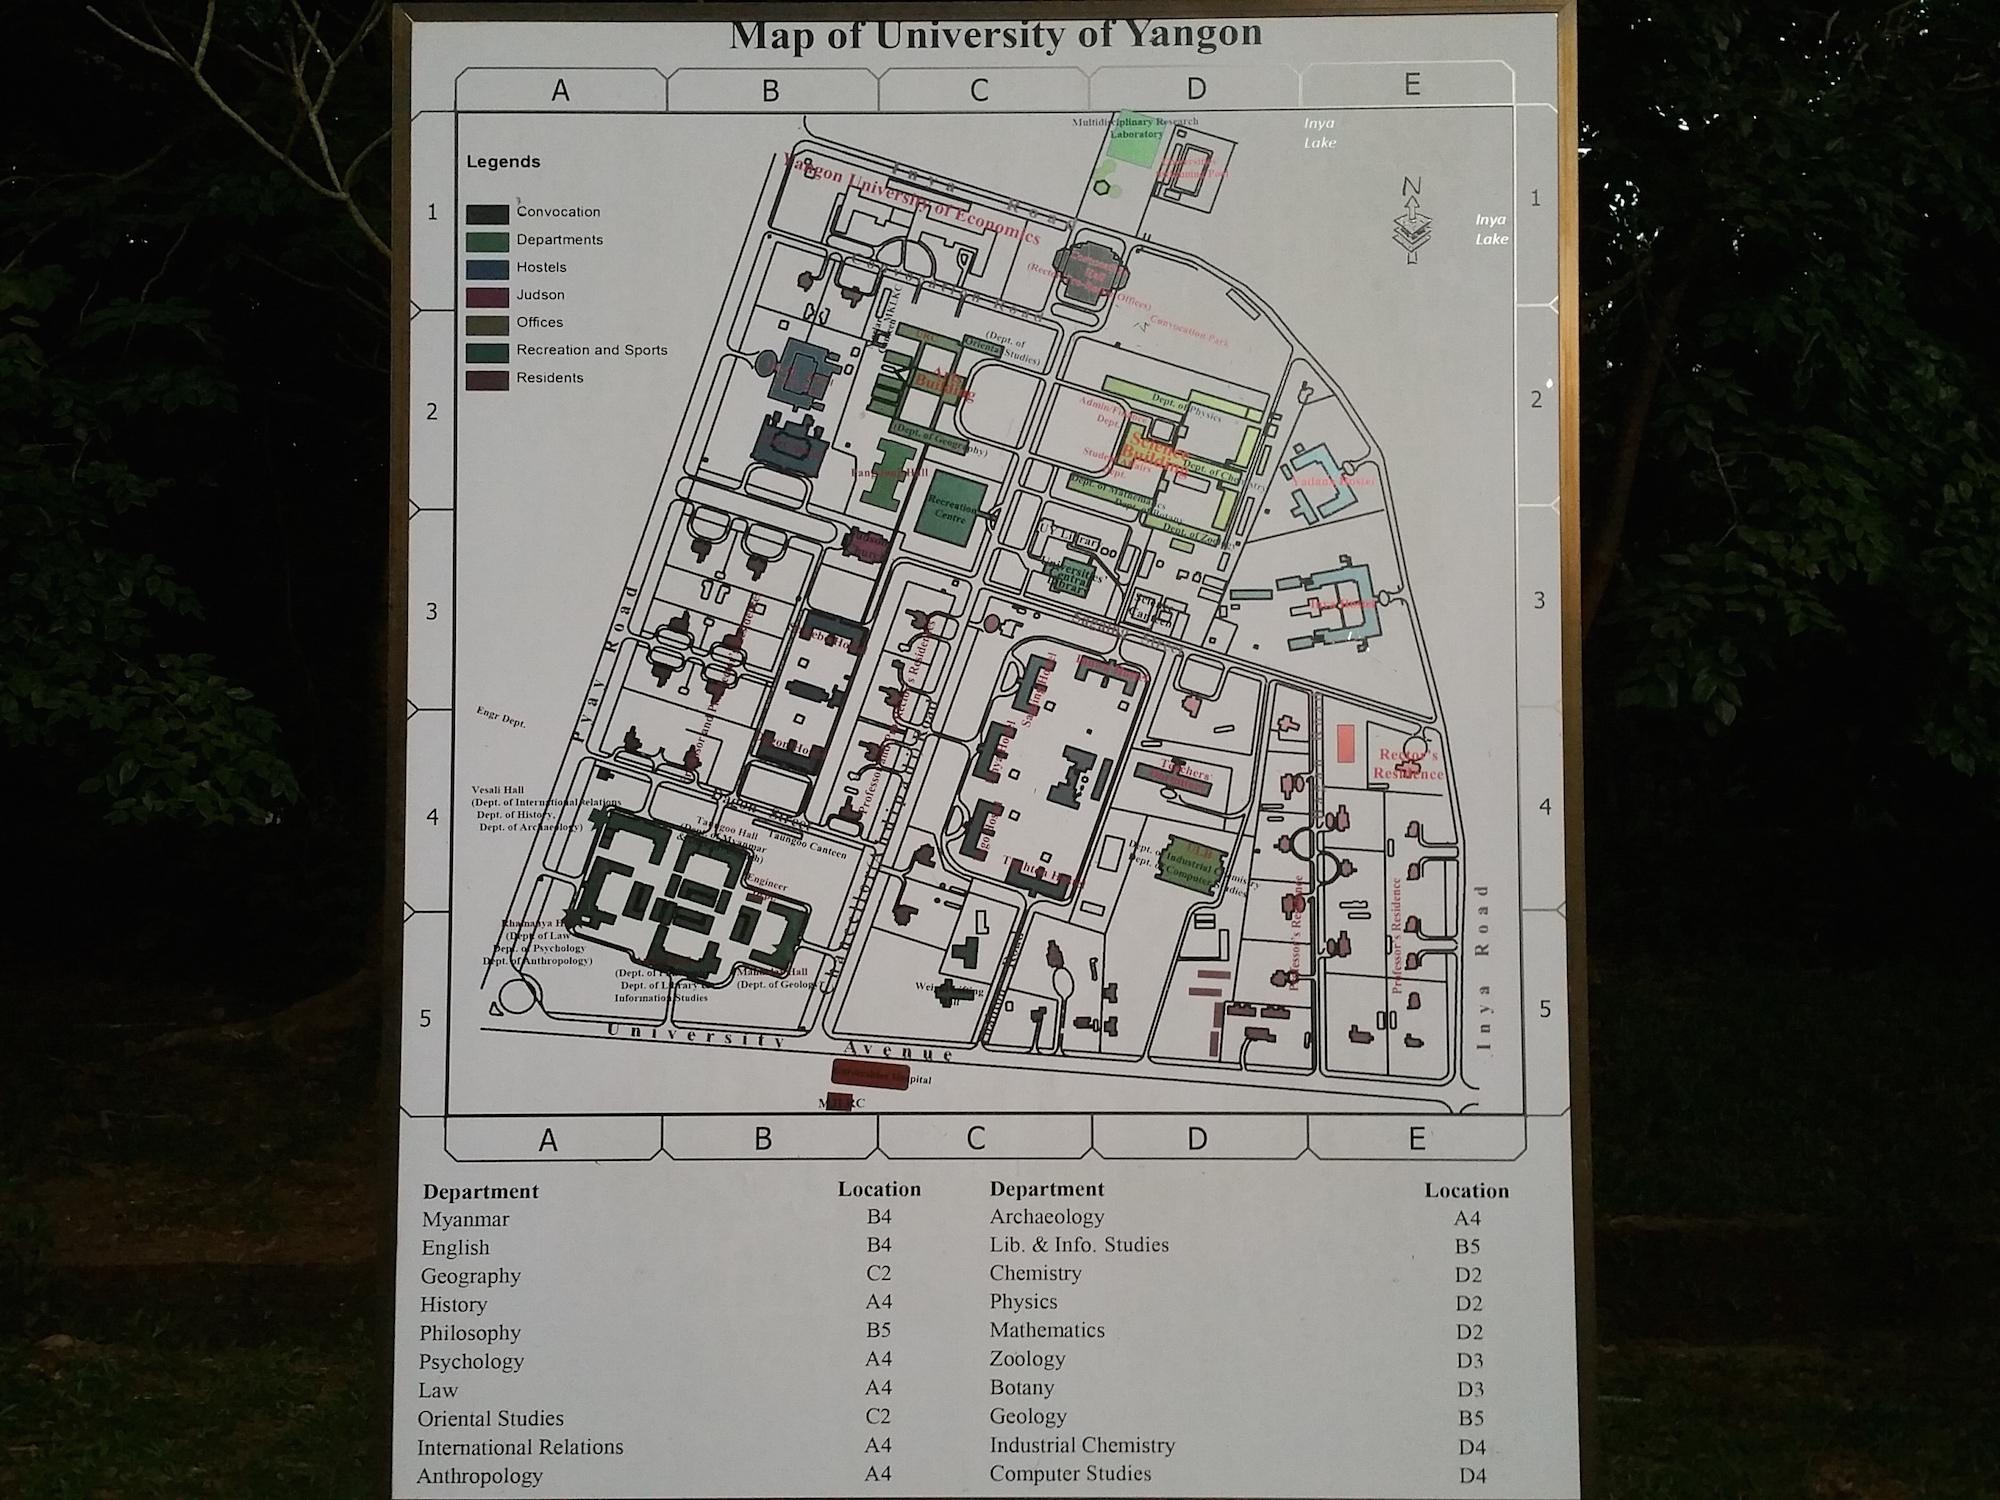 ヤンゴン大学地図